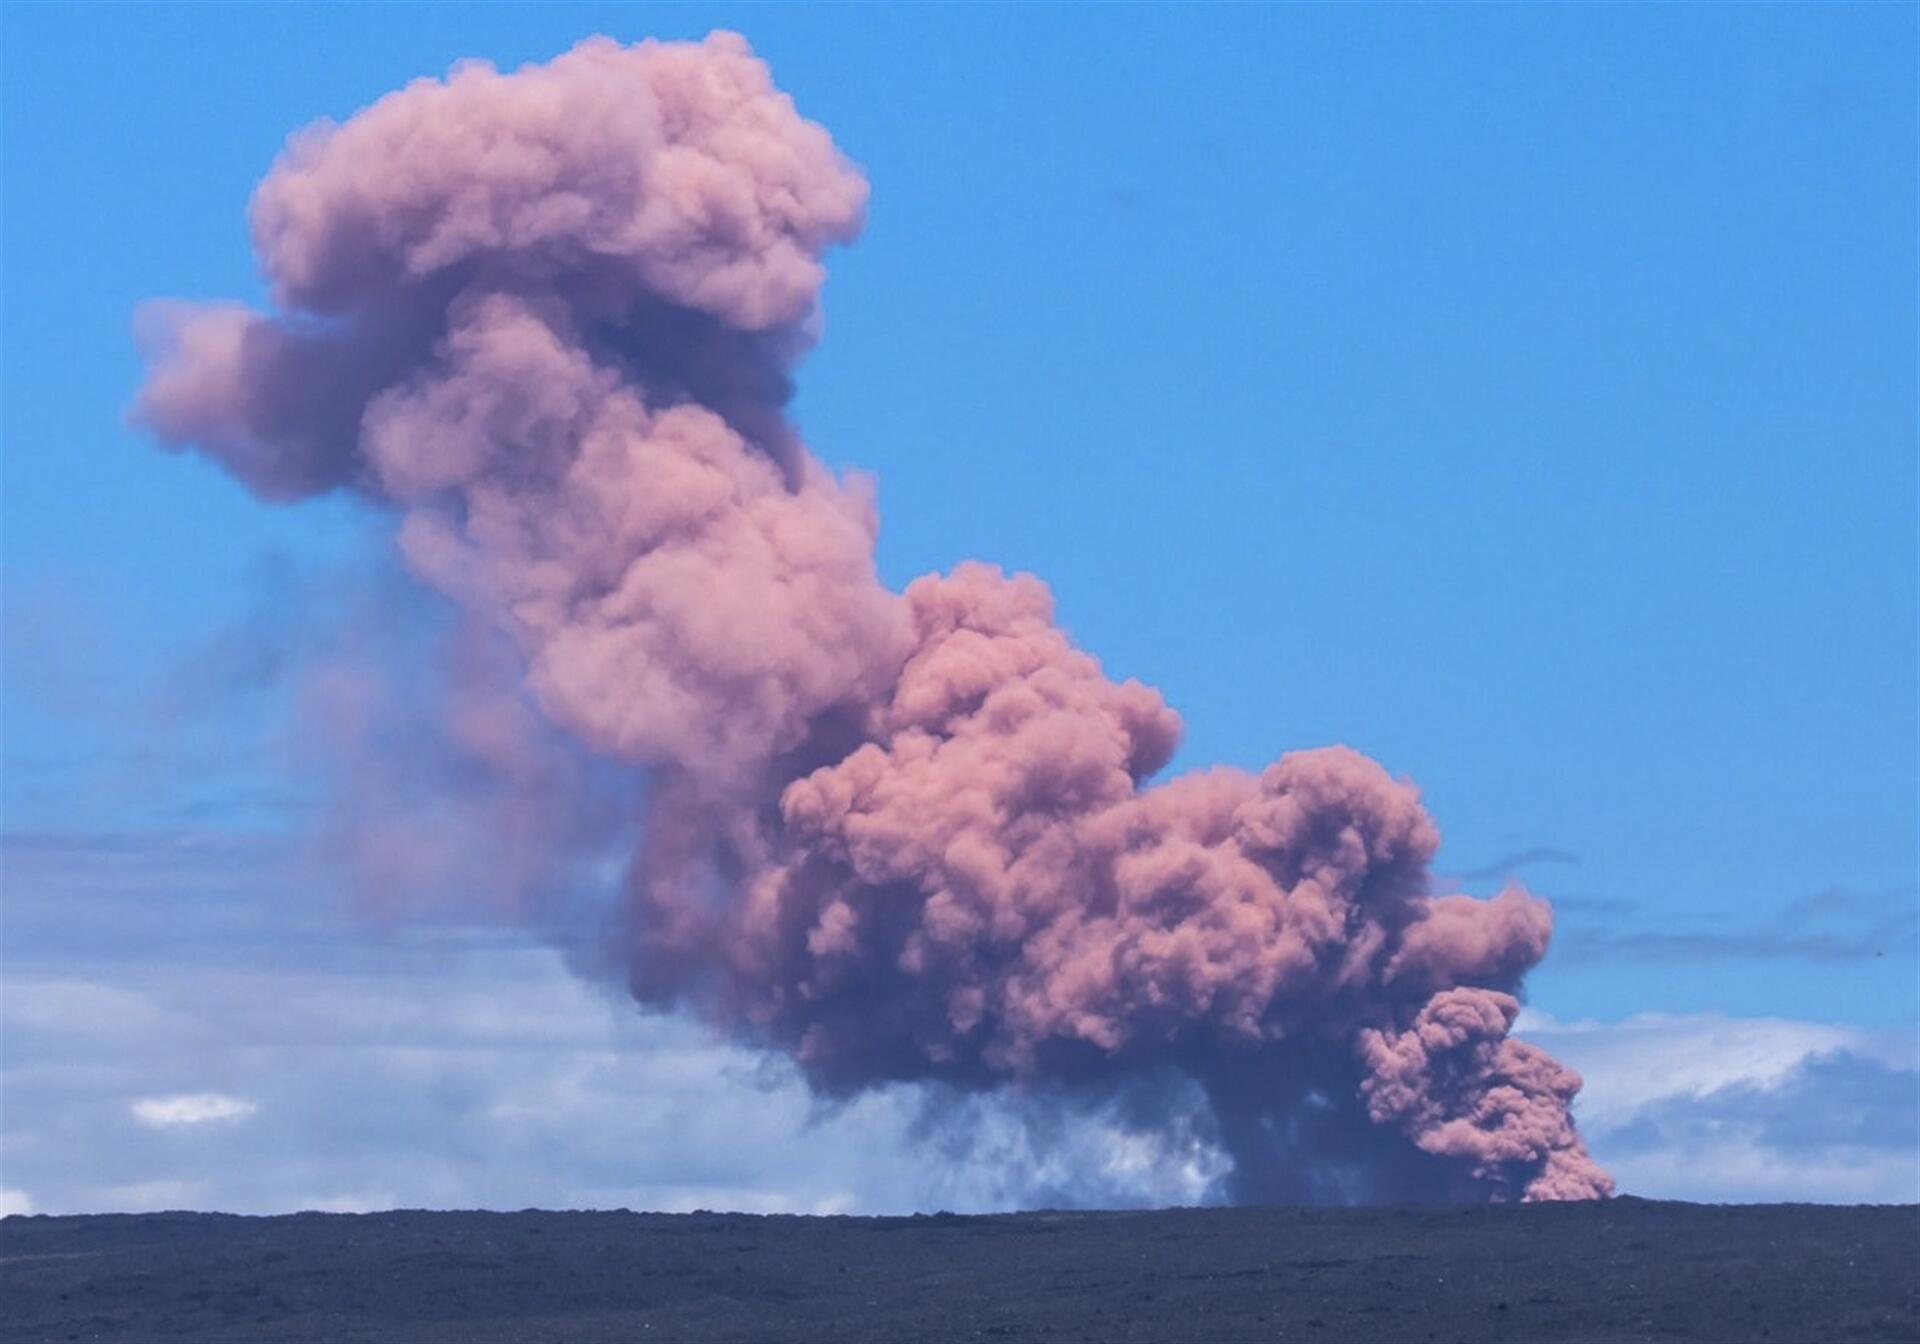 Hawai'de volkan patladı! Lavlar 46 metreye yükseldi